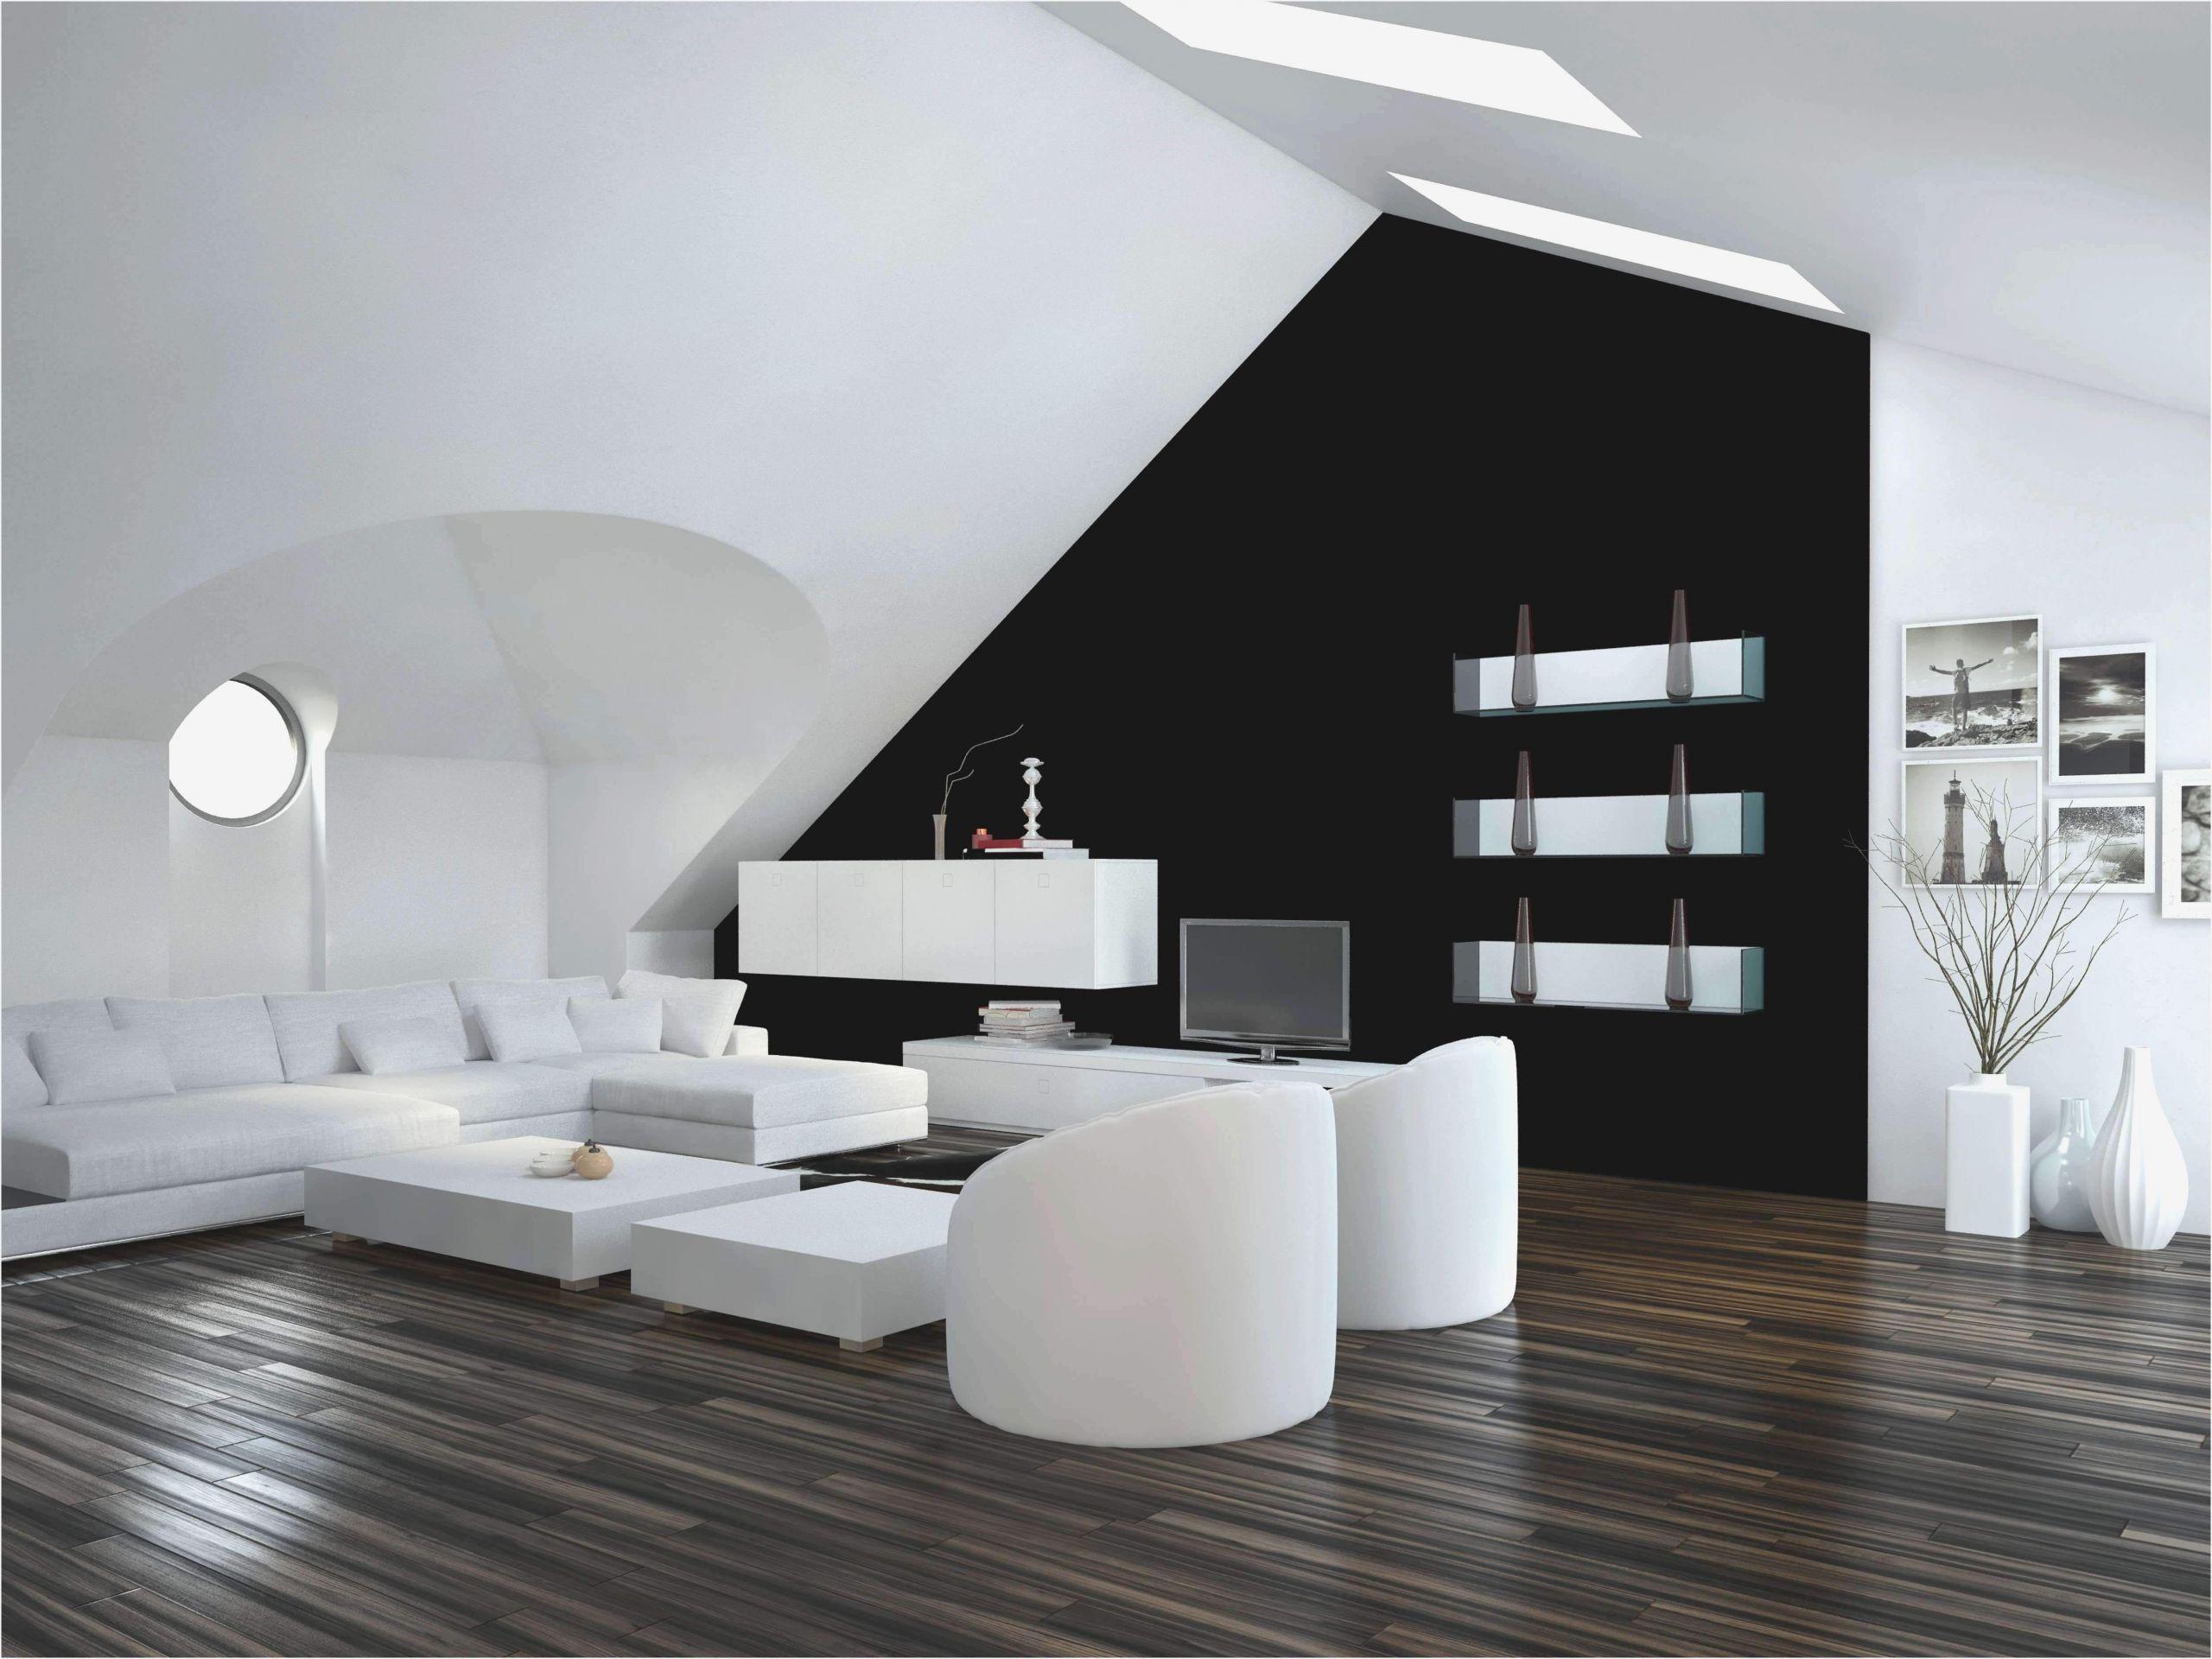 wohnzimmer dekoration idee kleine raum scaled